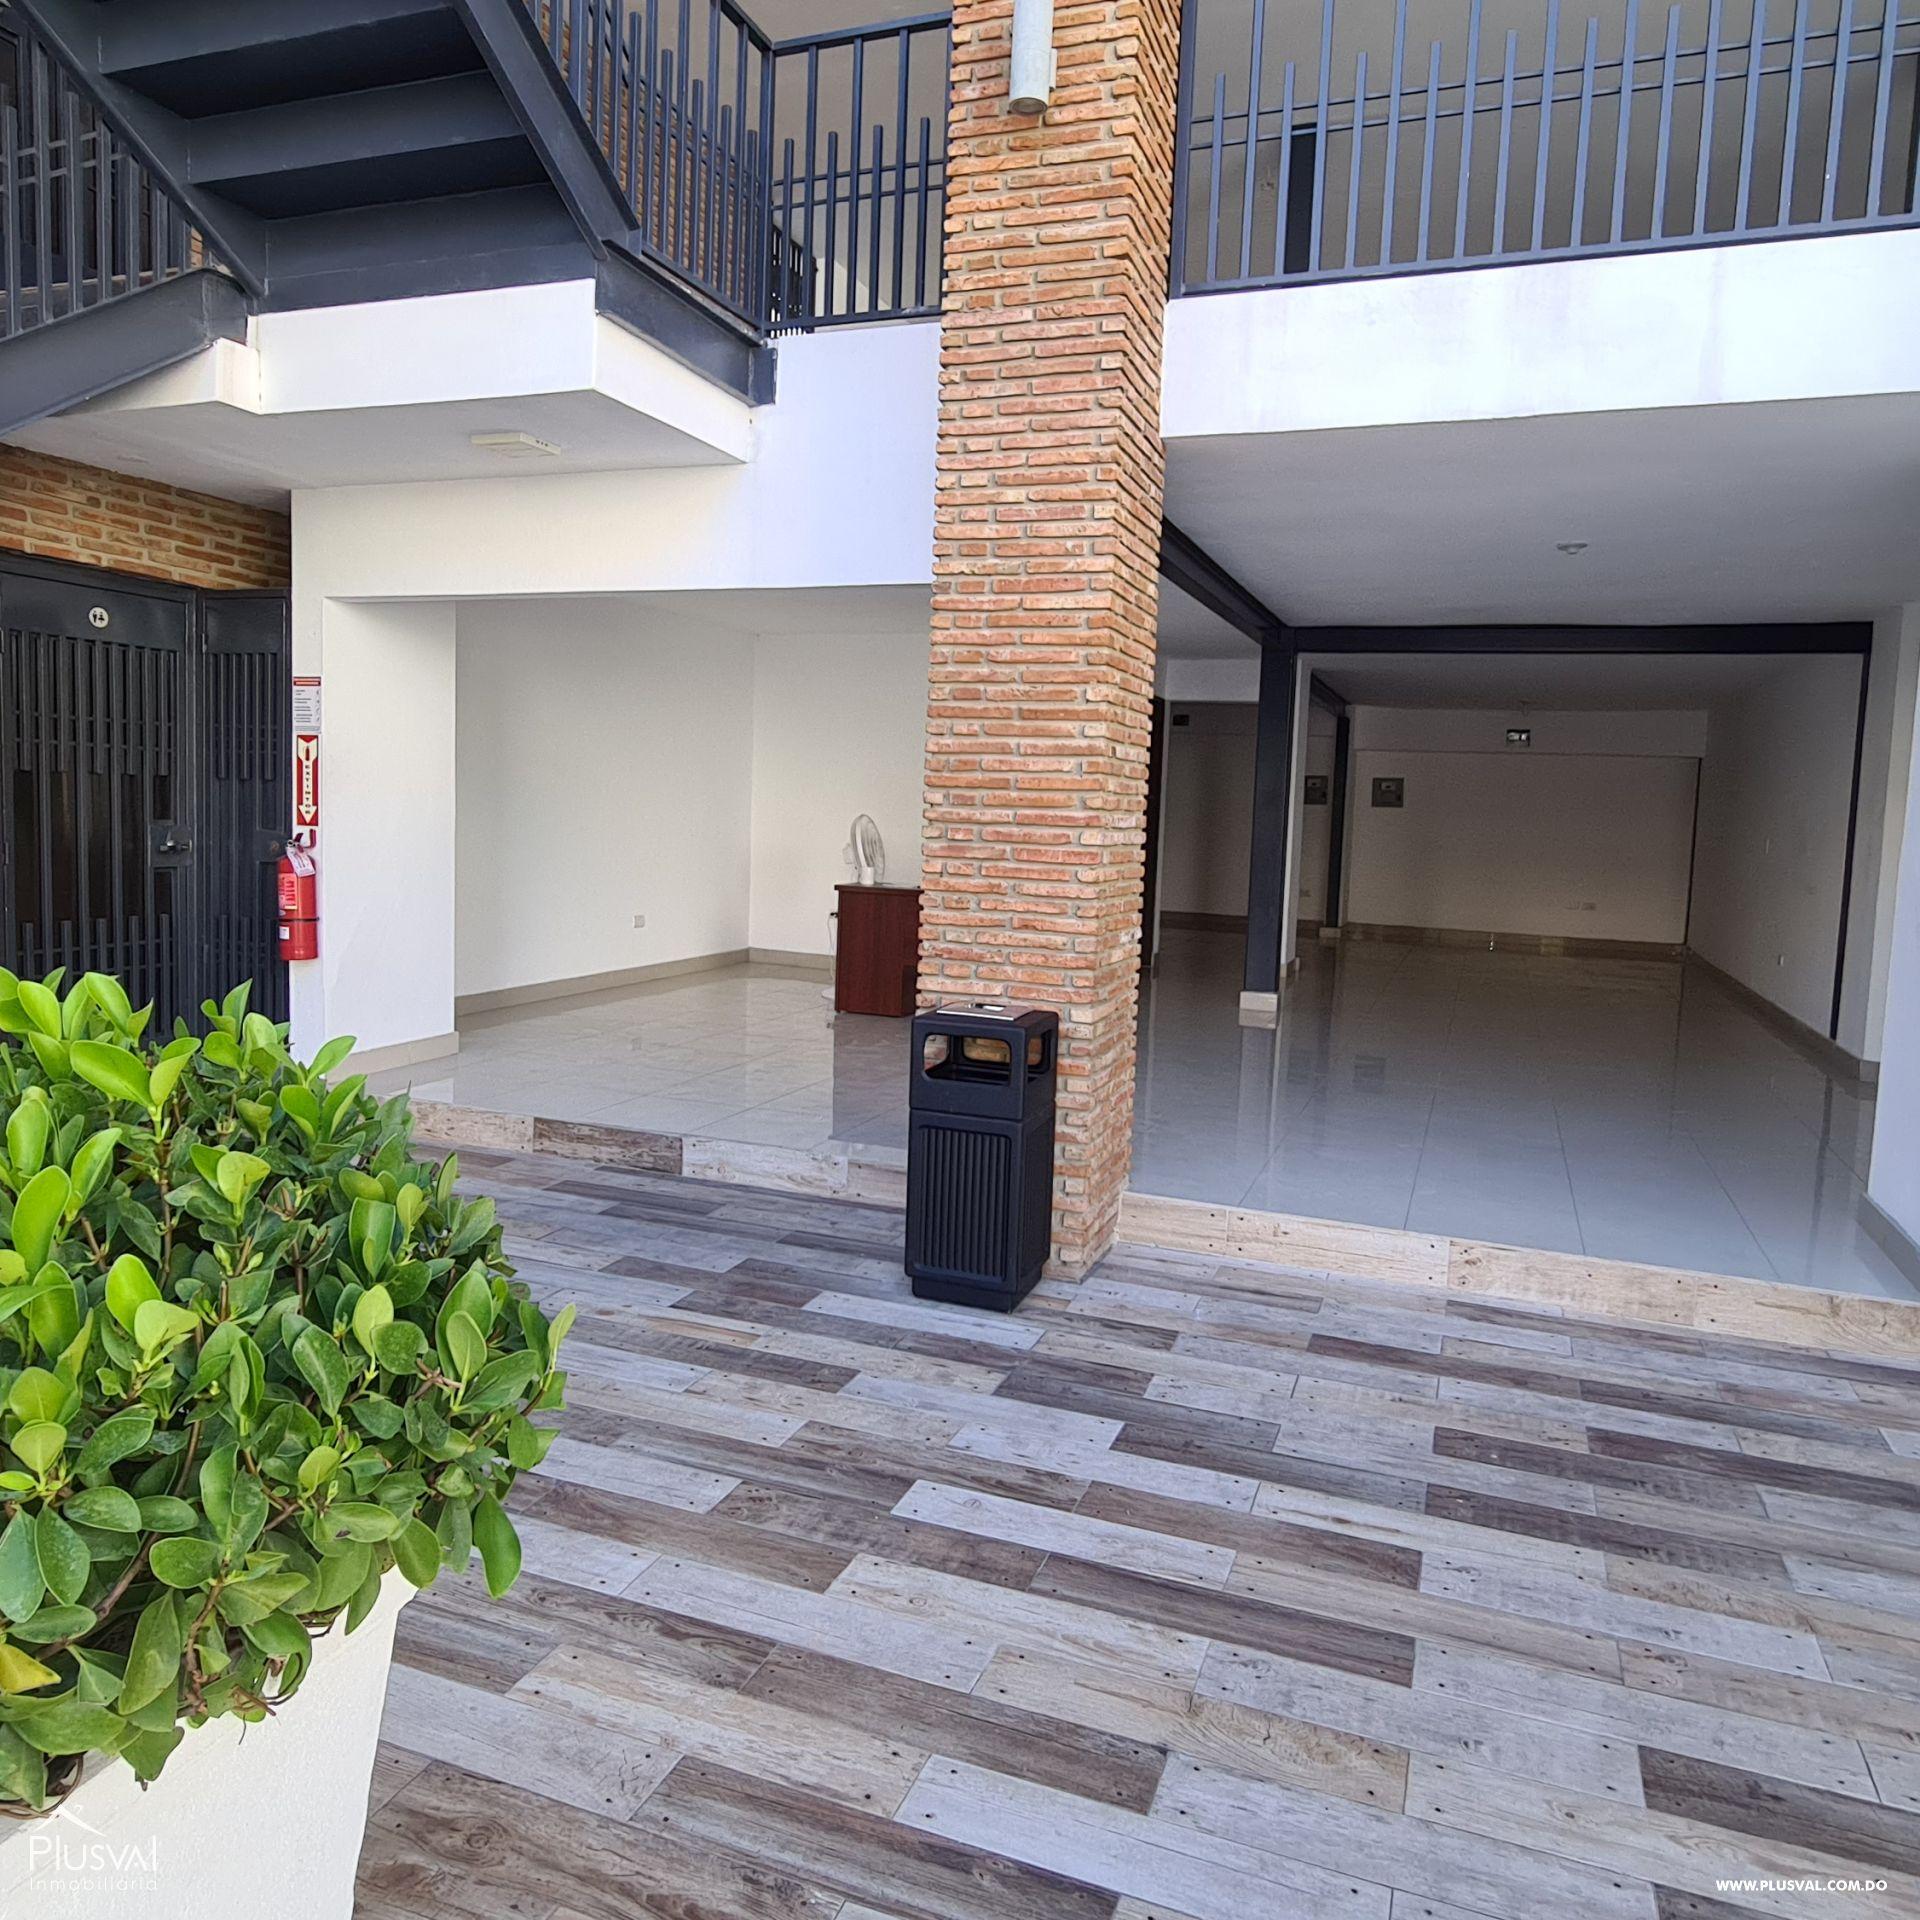 Plaza comercial con locales en alquiler, Piantini 172479